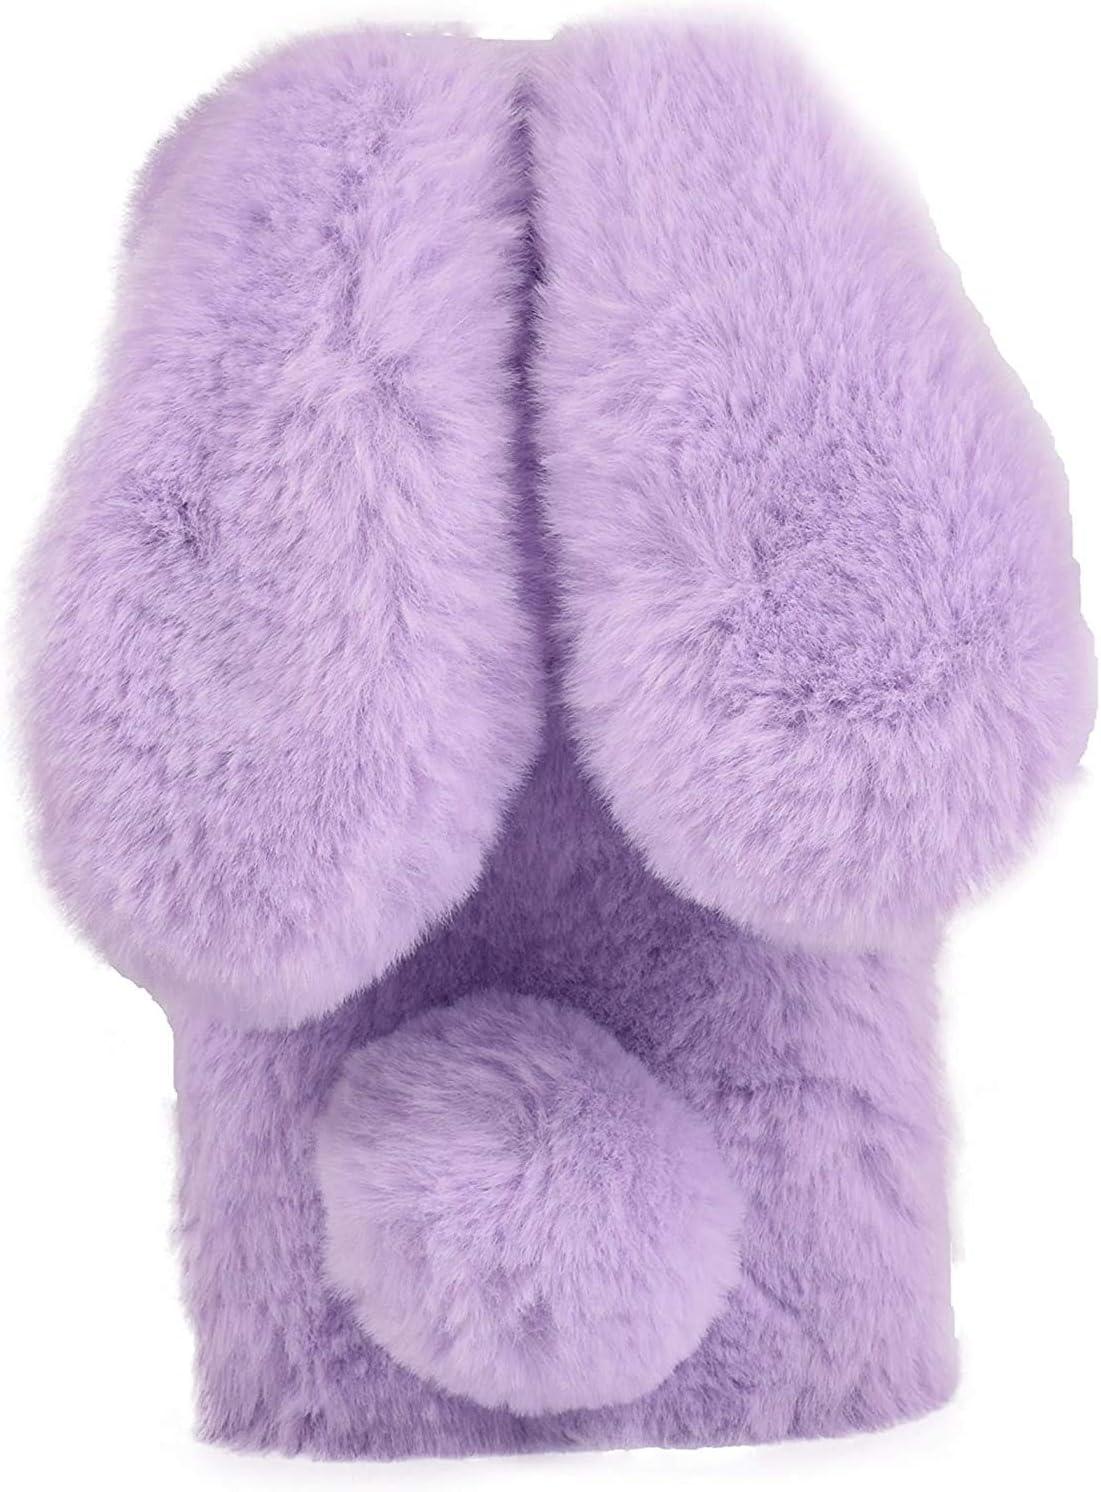 Caja del teléfono de conejo para Samsung Galaxy J310 Funda Protectora de Piel Suave y Esponjosa Caja del Teléfono Peluda Difusa con Bolas Suave Mullido Caso Estuches para Samsung J3,Púrpura